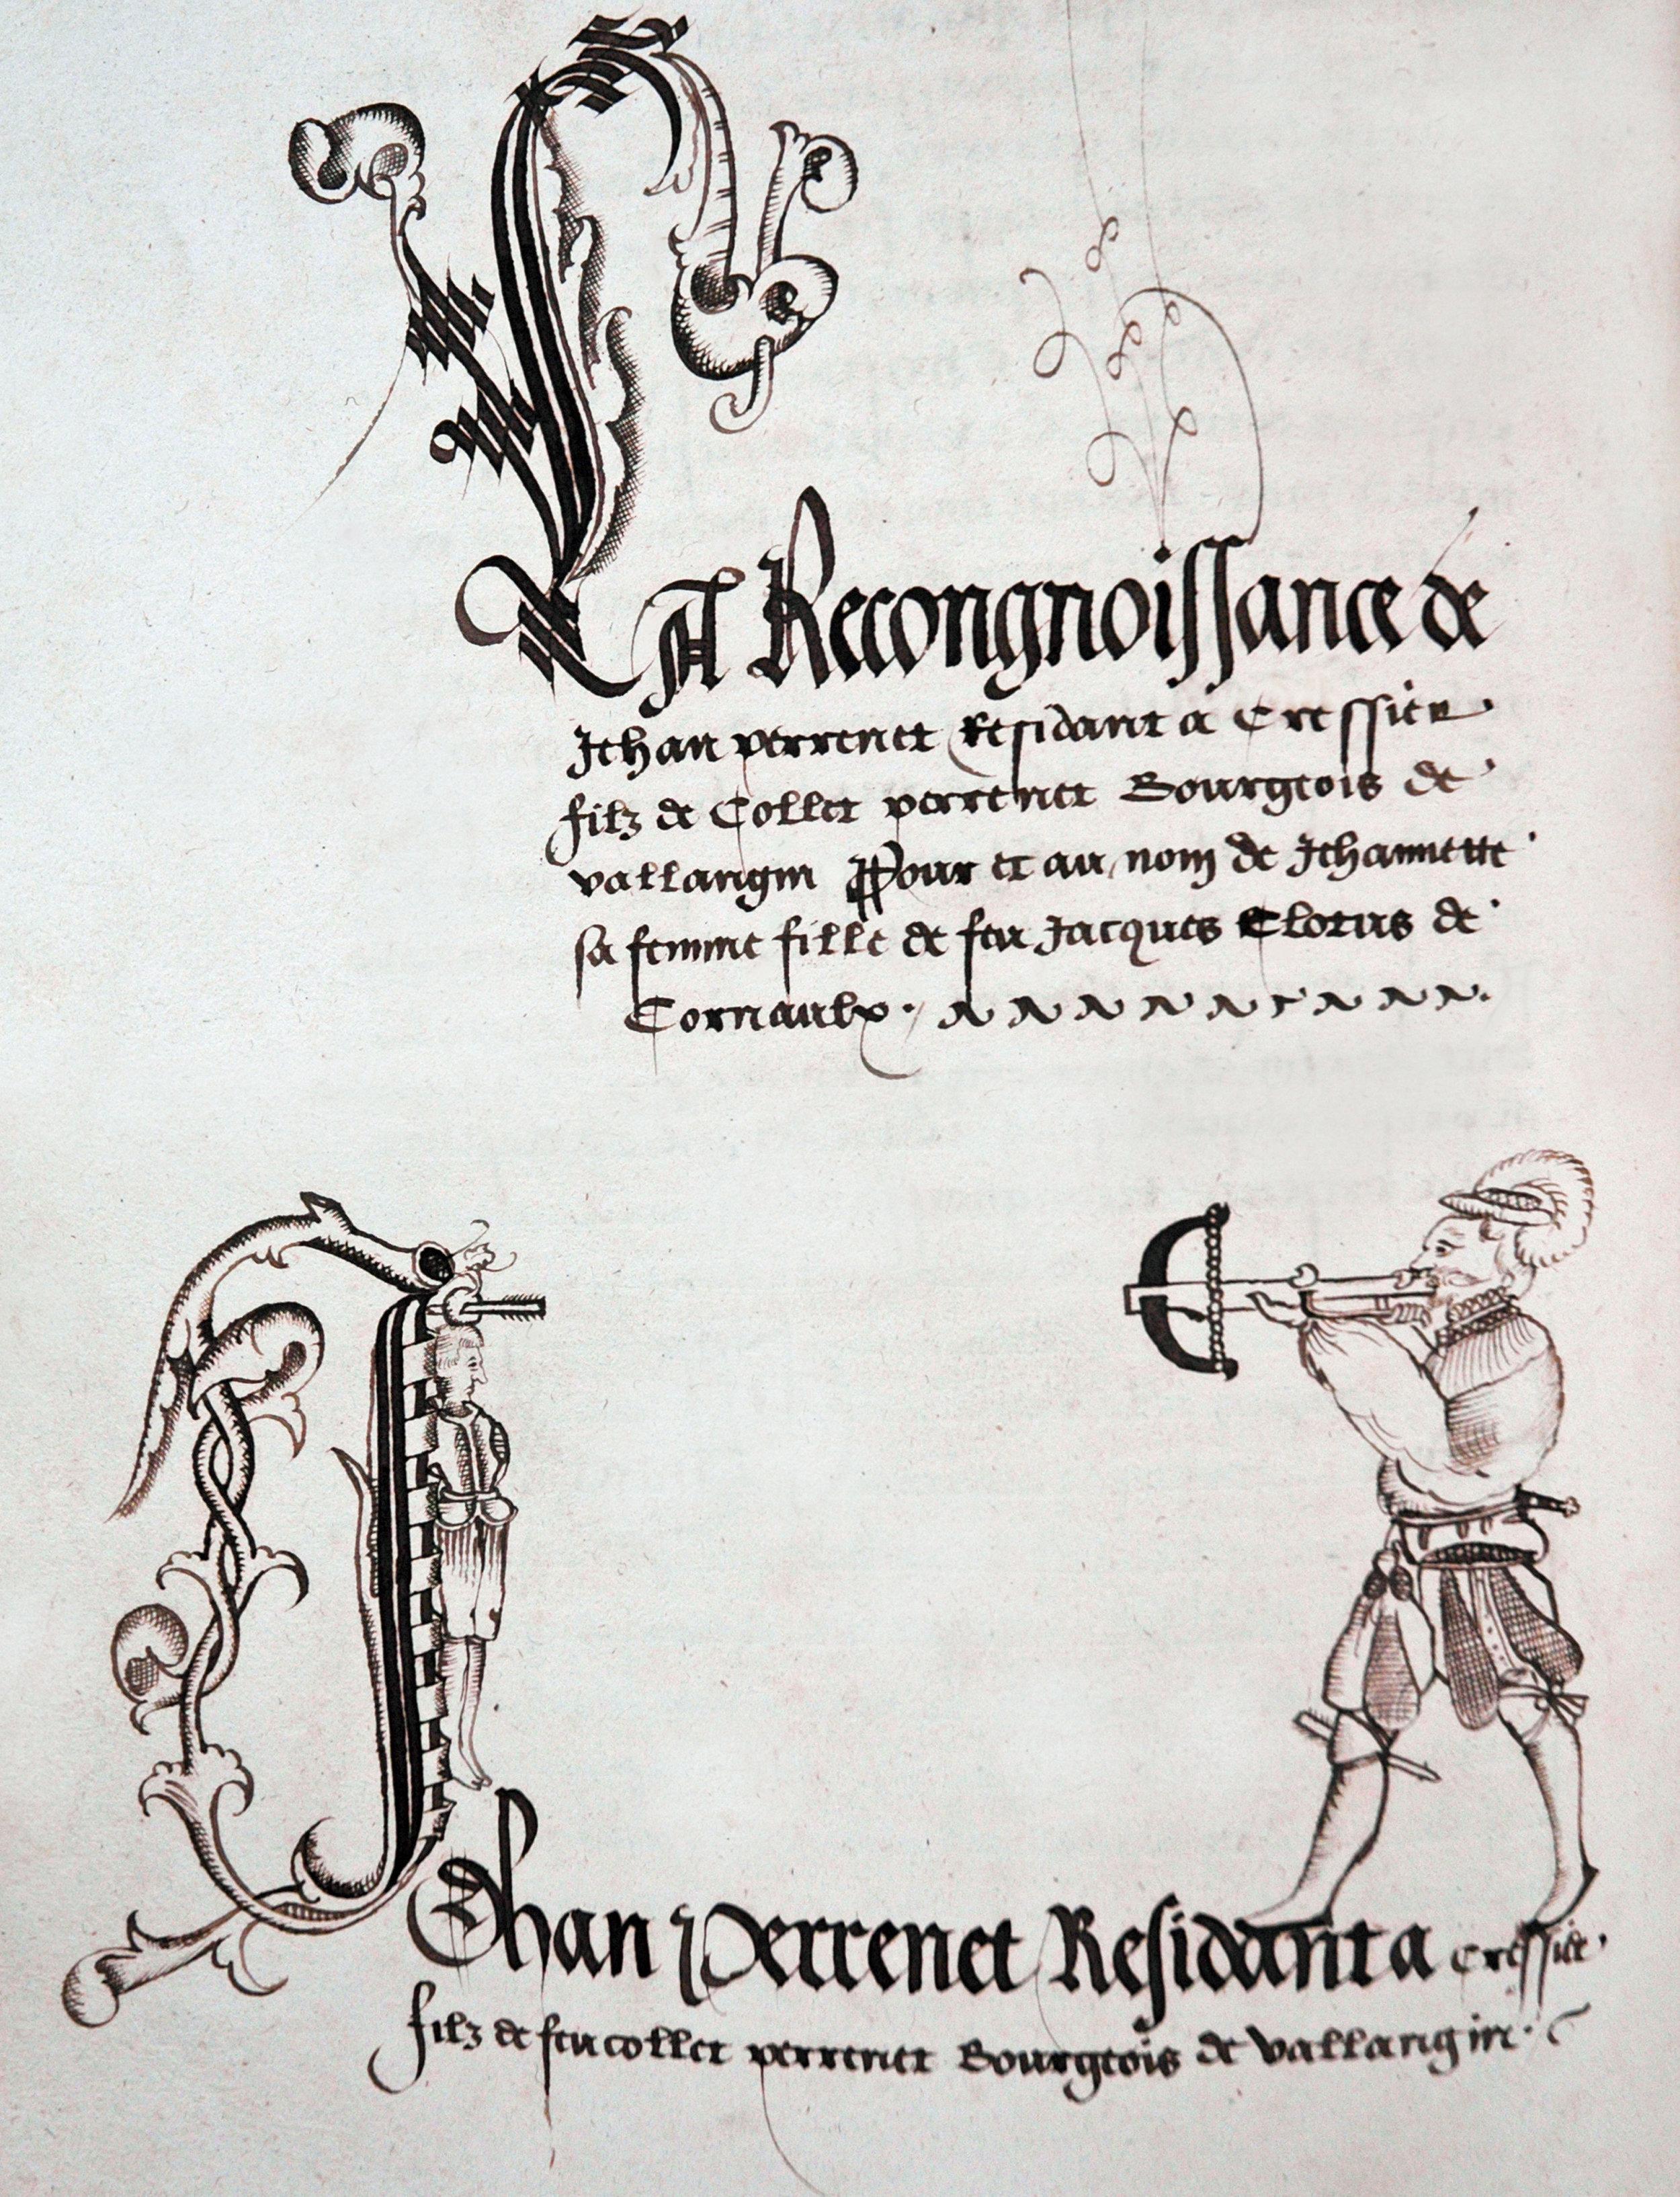 A droite, Guillaume Tell, coiffé d'un chapeau à plume, l'arbalète en joue, vient de tirer. A gauche, la pomme posée sur la tête de son fils est transpercée par la flèche. Tell a caché dans sa jambière une deuxième flèche destinée au bailli Gessler.